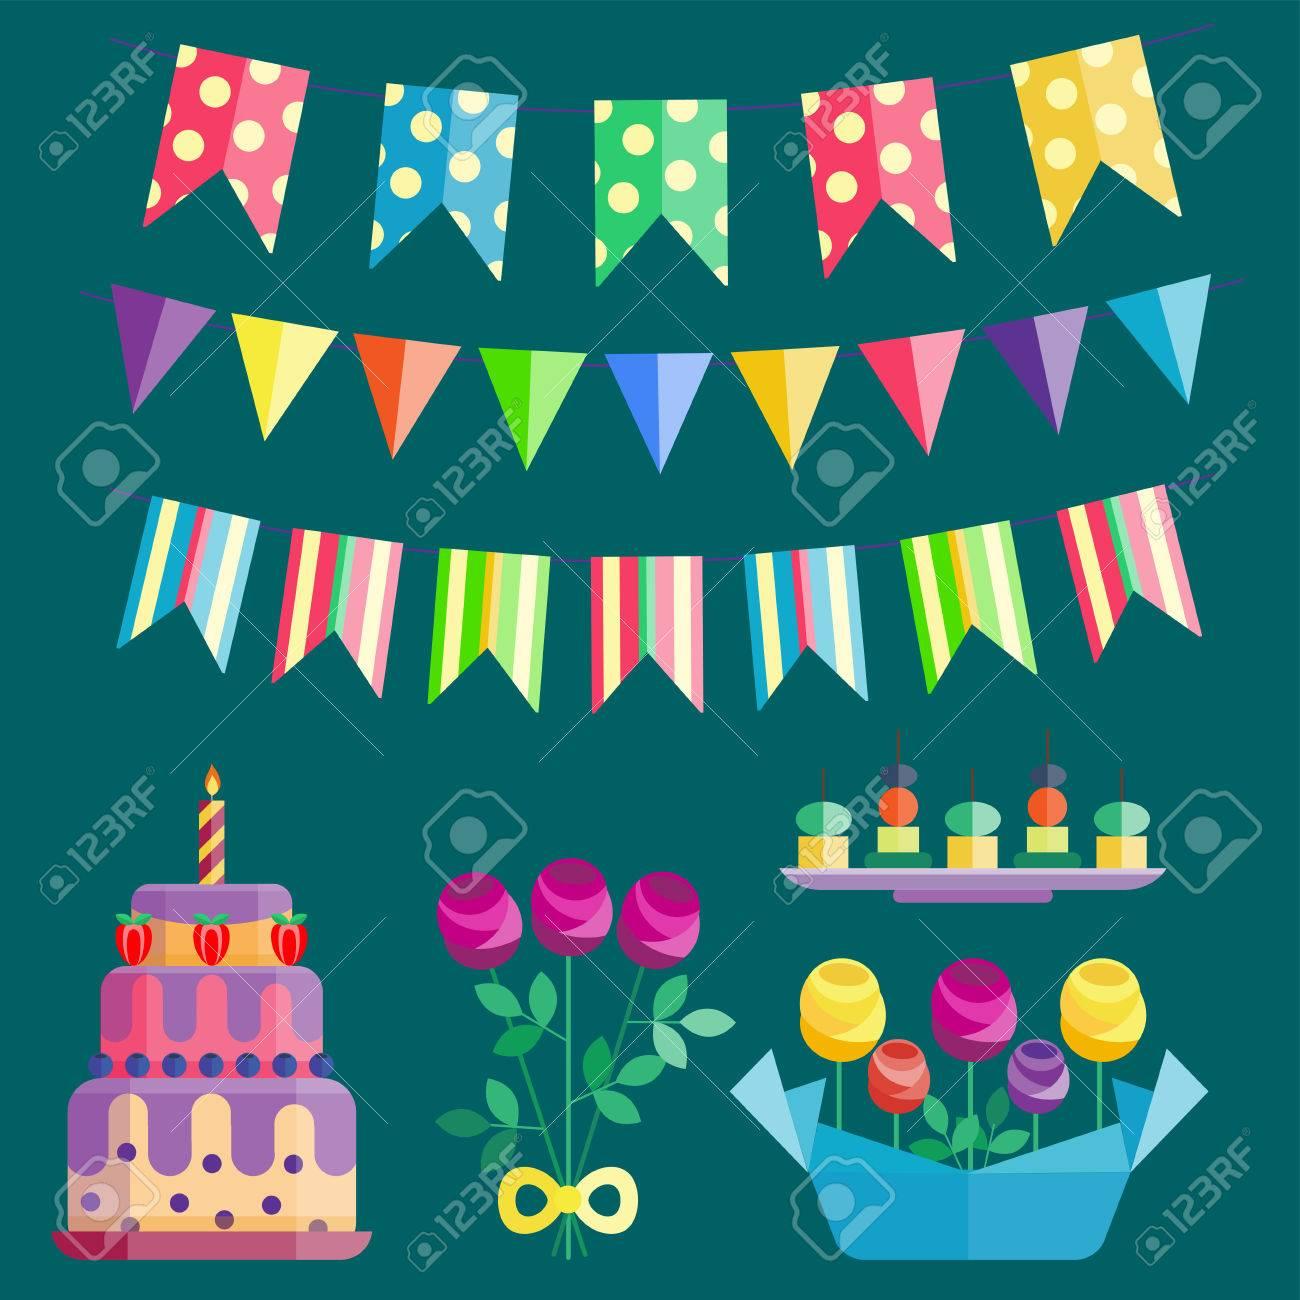 Party Iconen Viering Gelukkige Verjaardag Verrassing Decoratie